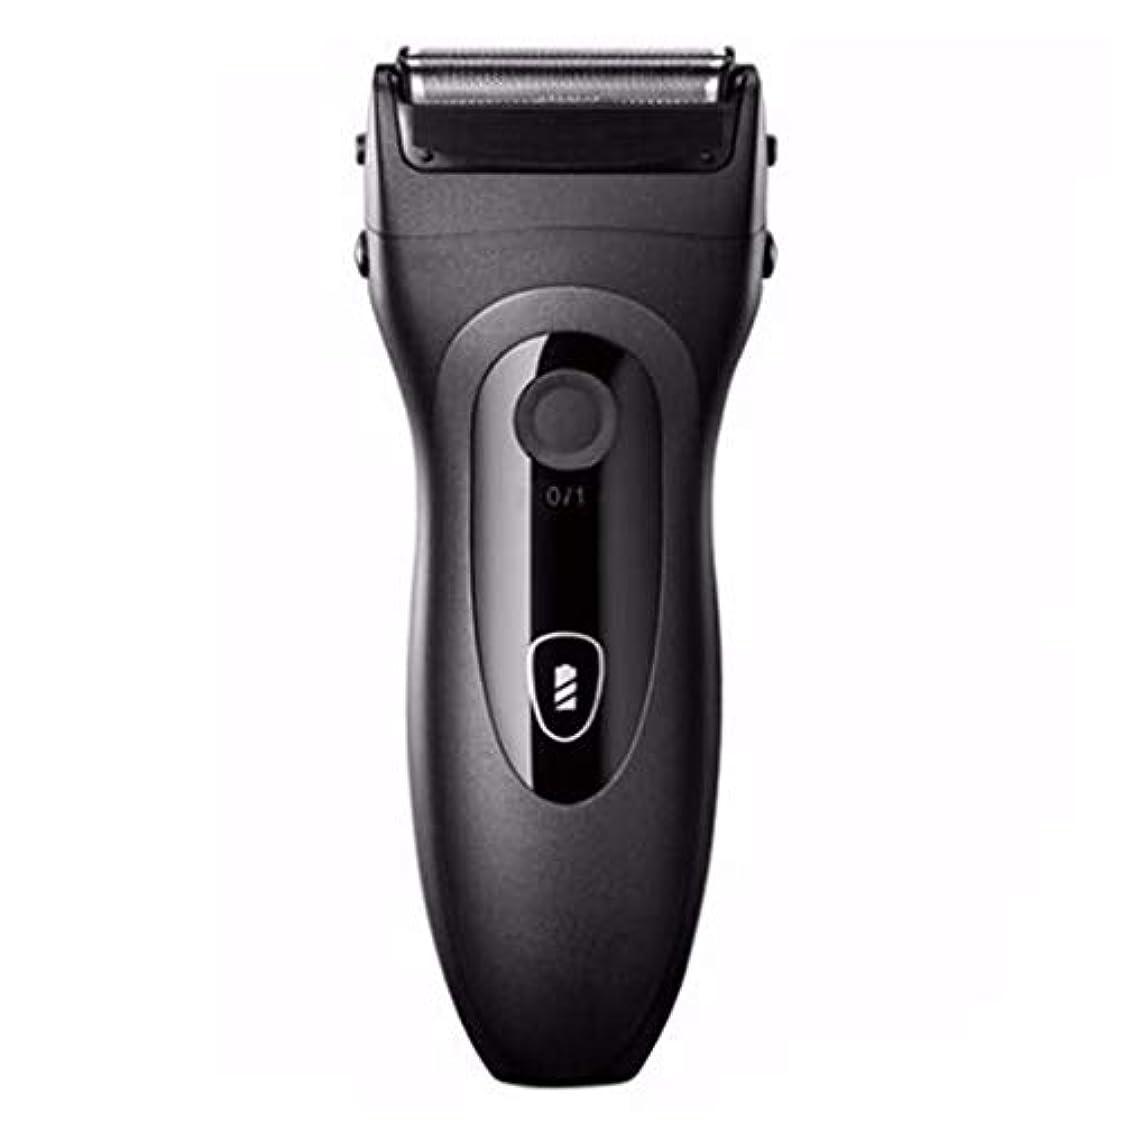 優雅な住む間接的ひげそり 電動 メンズシェーバー,往復式 髭剃り 電気シェーバー USB充電式 IPX7防水 電気シェーバー ディスプレイ お風呂剃りドライ両用 人気プレゼント